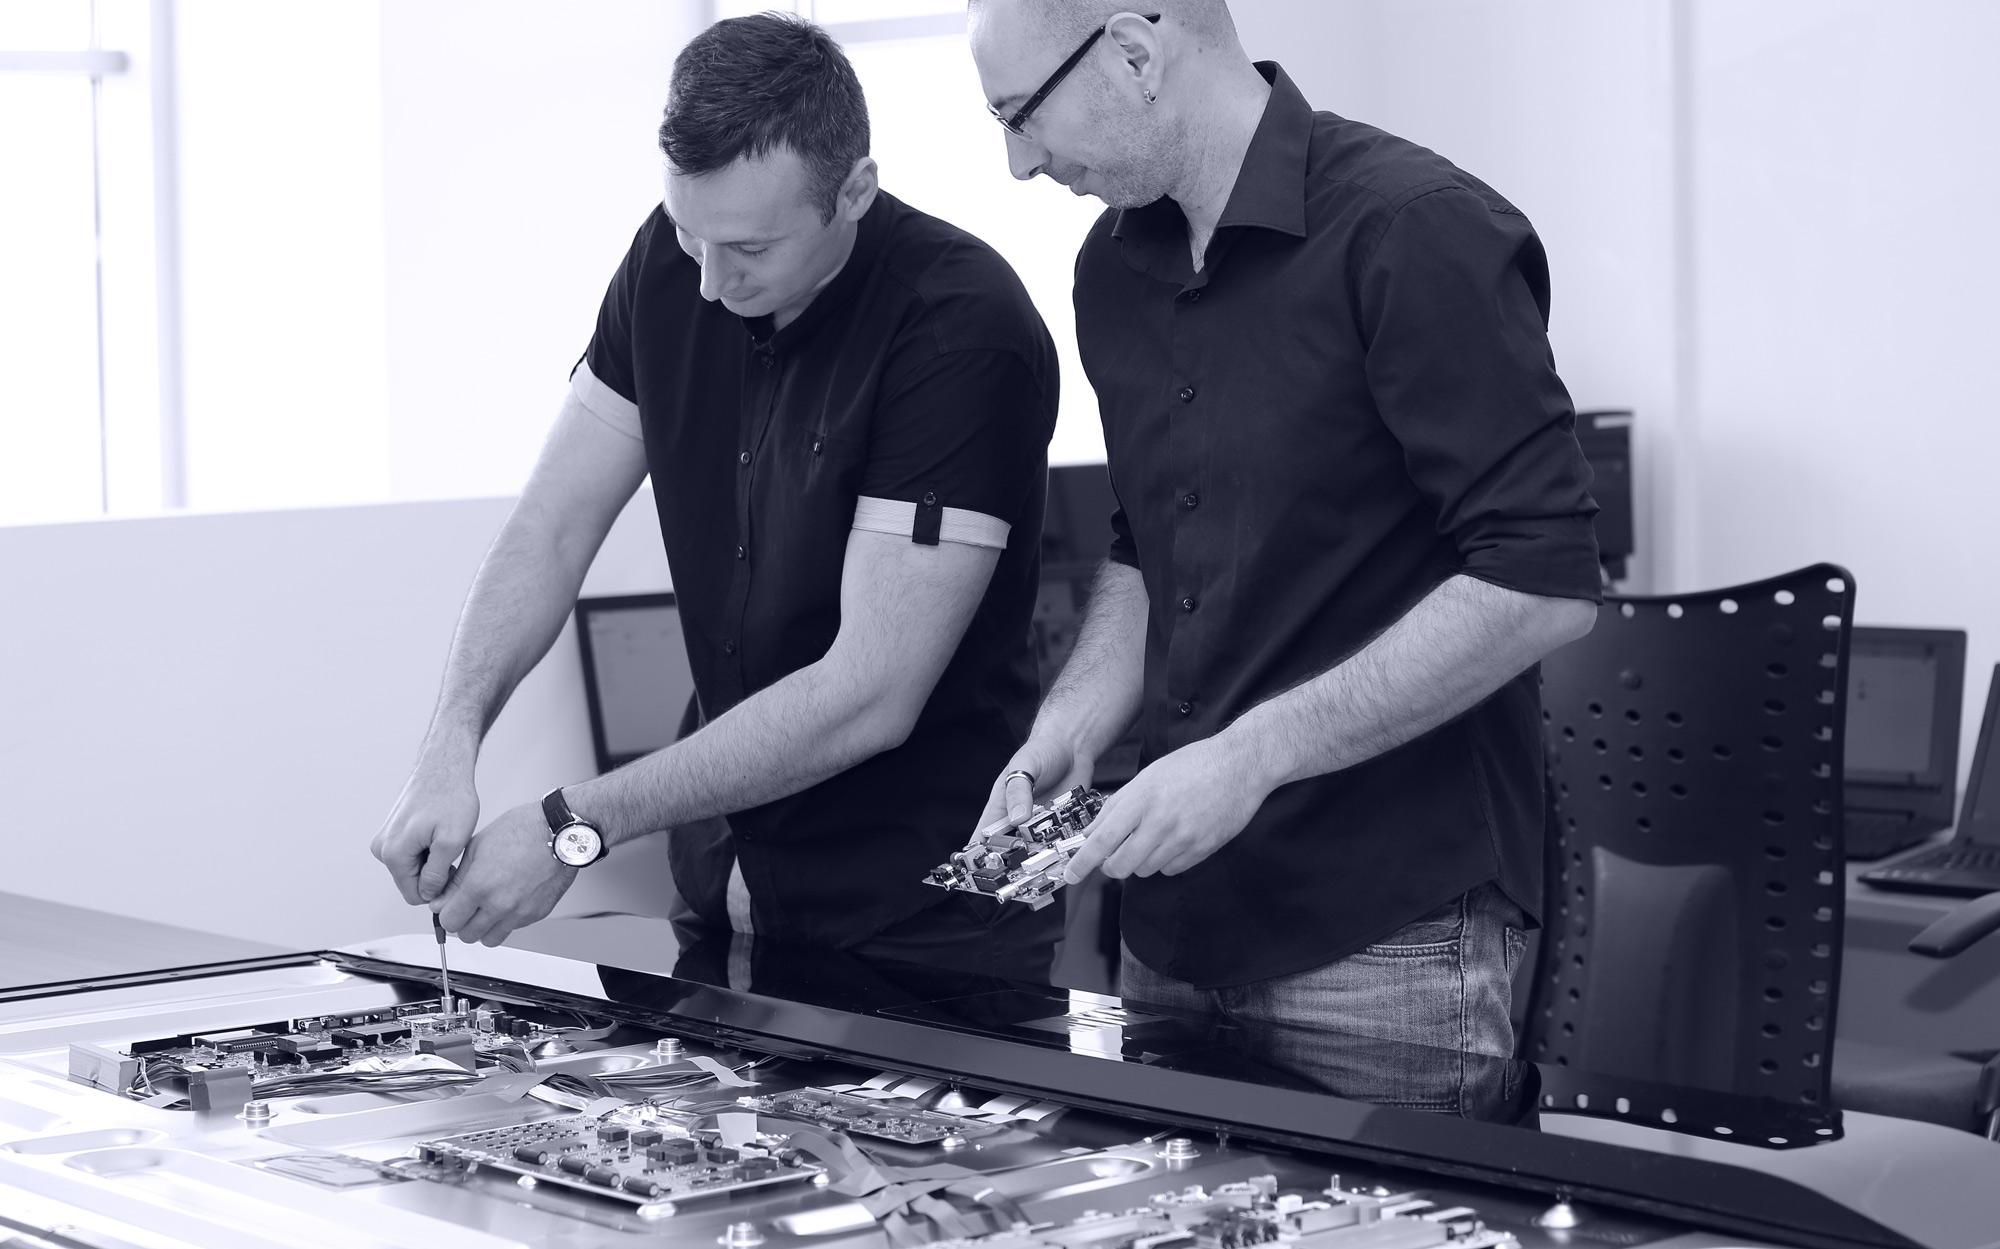 Sertifikovani inženjeri i tehničari udružiće profesionalno znanje i iskustvo i otkloniti svaku uočenu nepravilnost i kvar